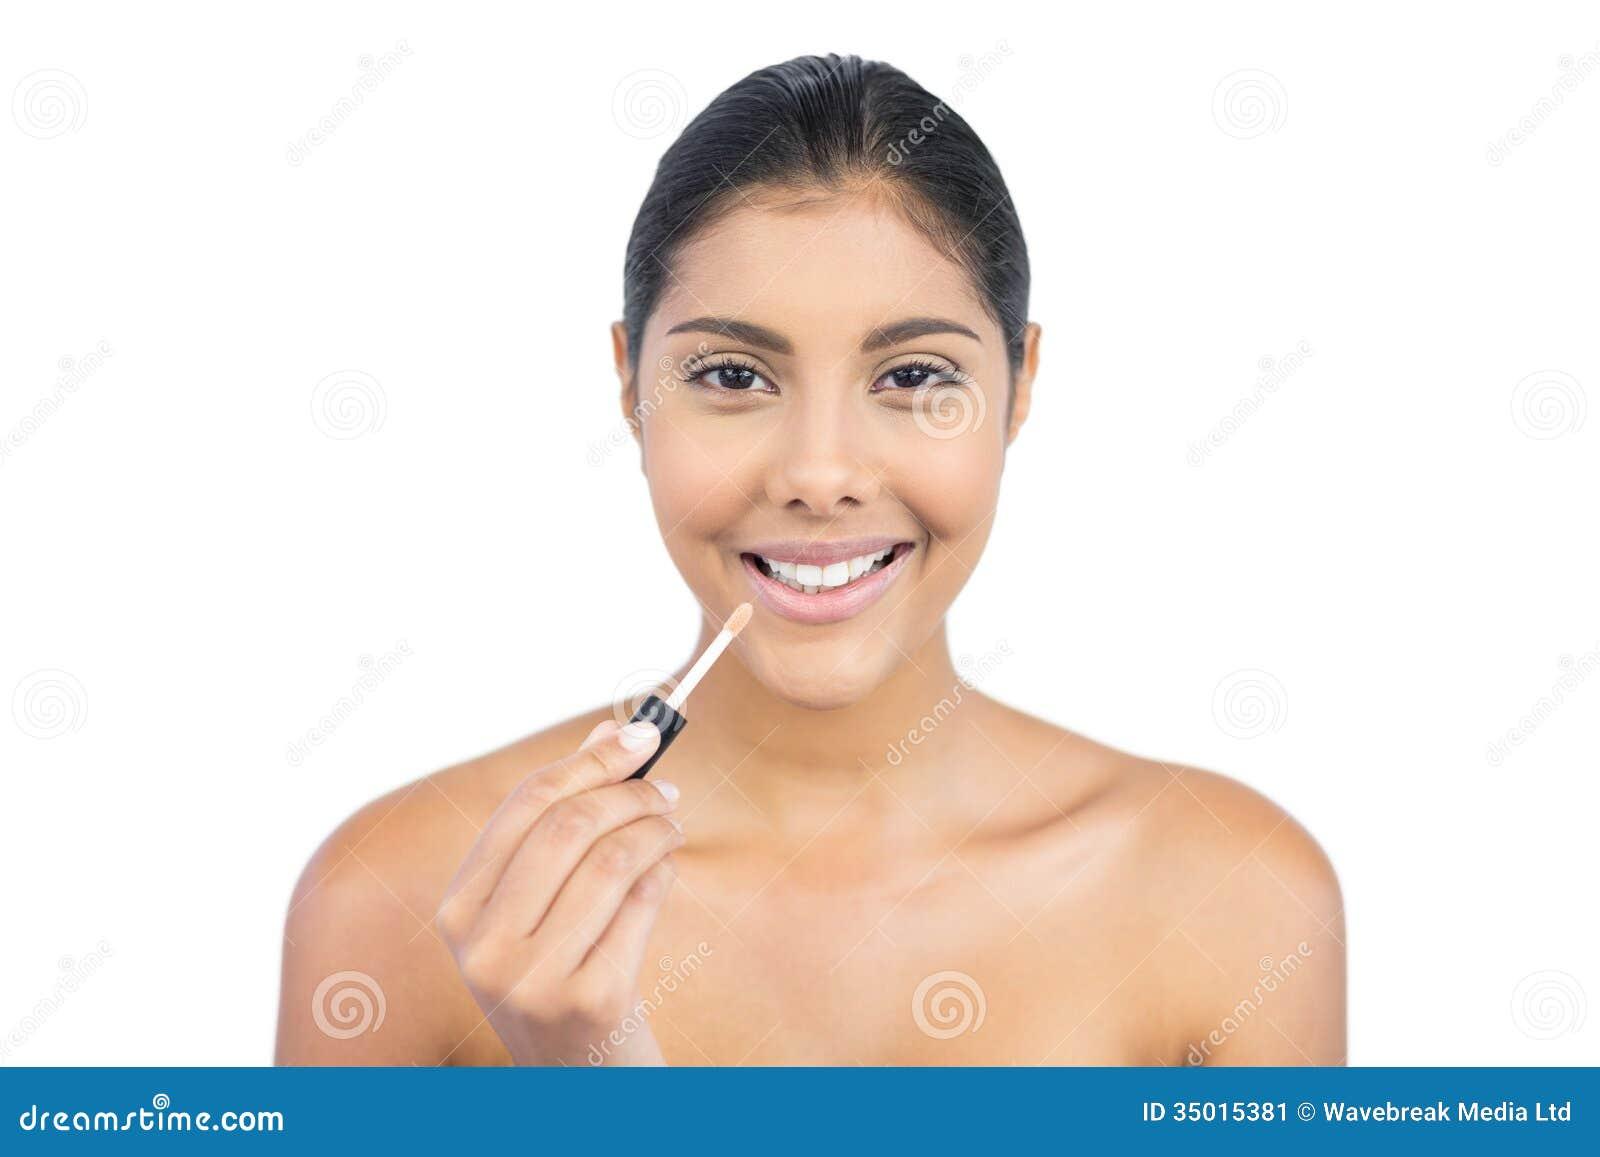 Smiling Nude Brunette Holding Lip Gloss Stock Image